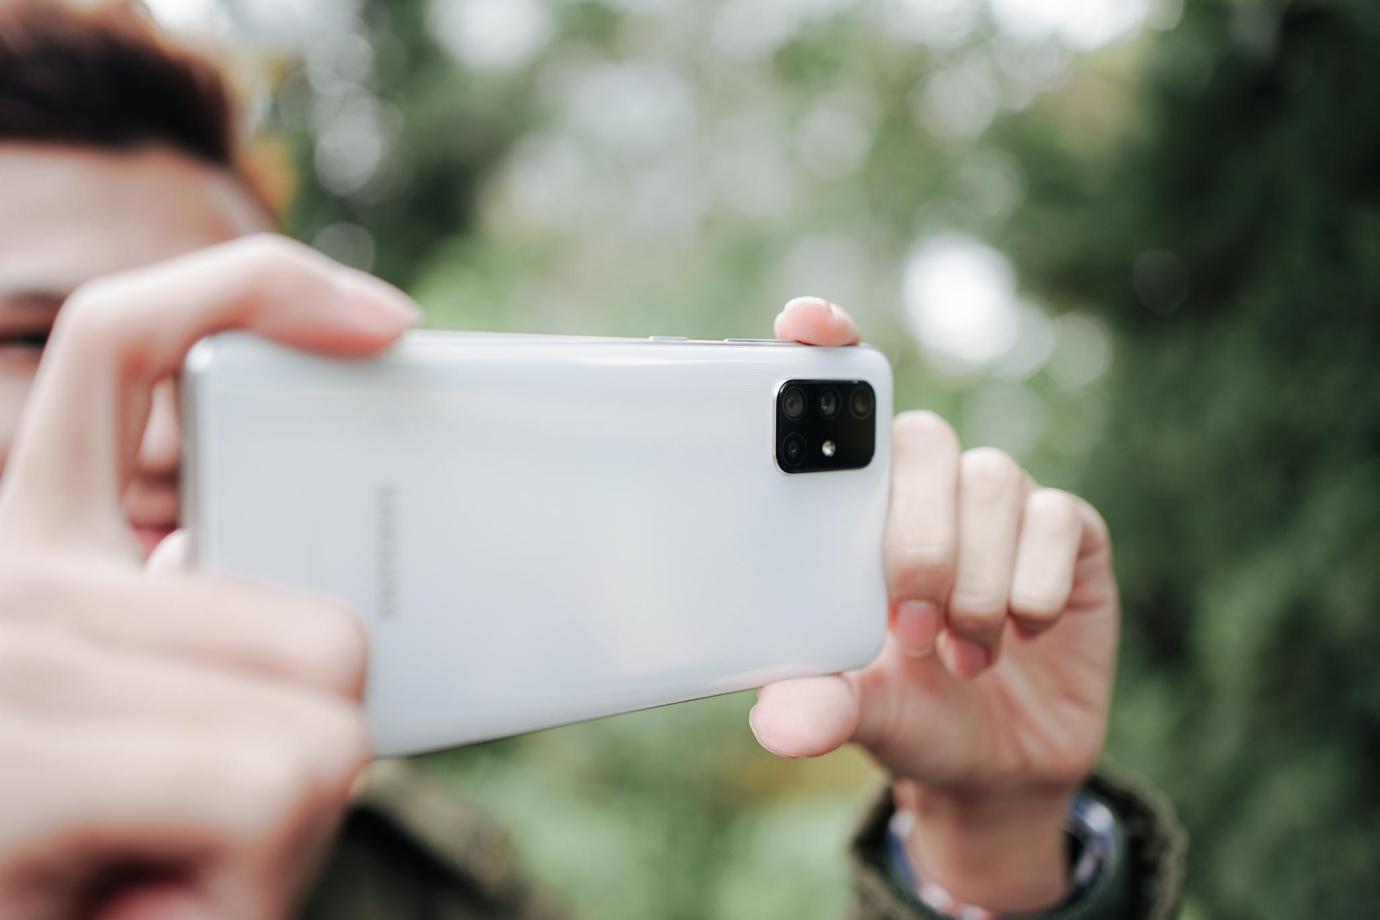 Đã 2020 nhưng những tiêu chí cốt lõi tìm mua smartphone vẫn như 10 năm trước - Ảnh 1.